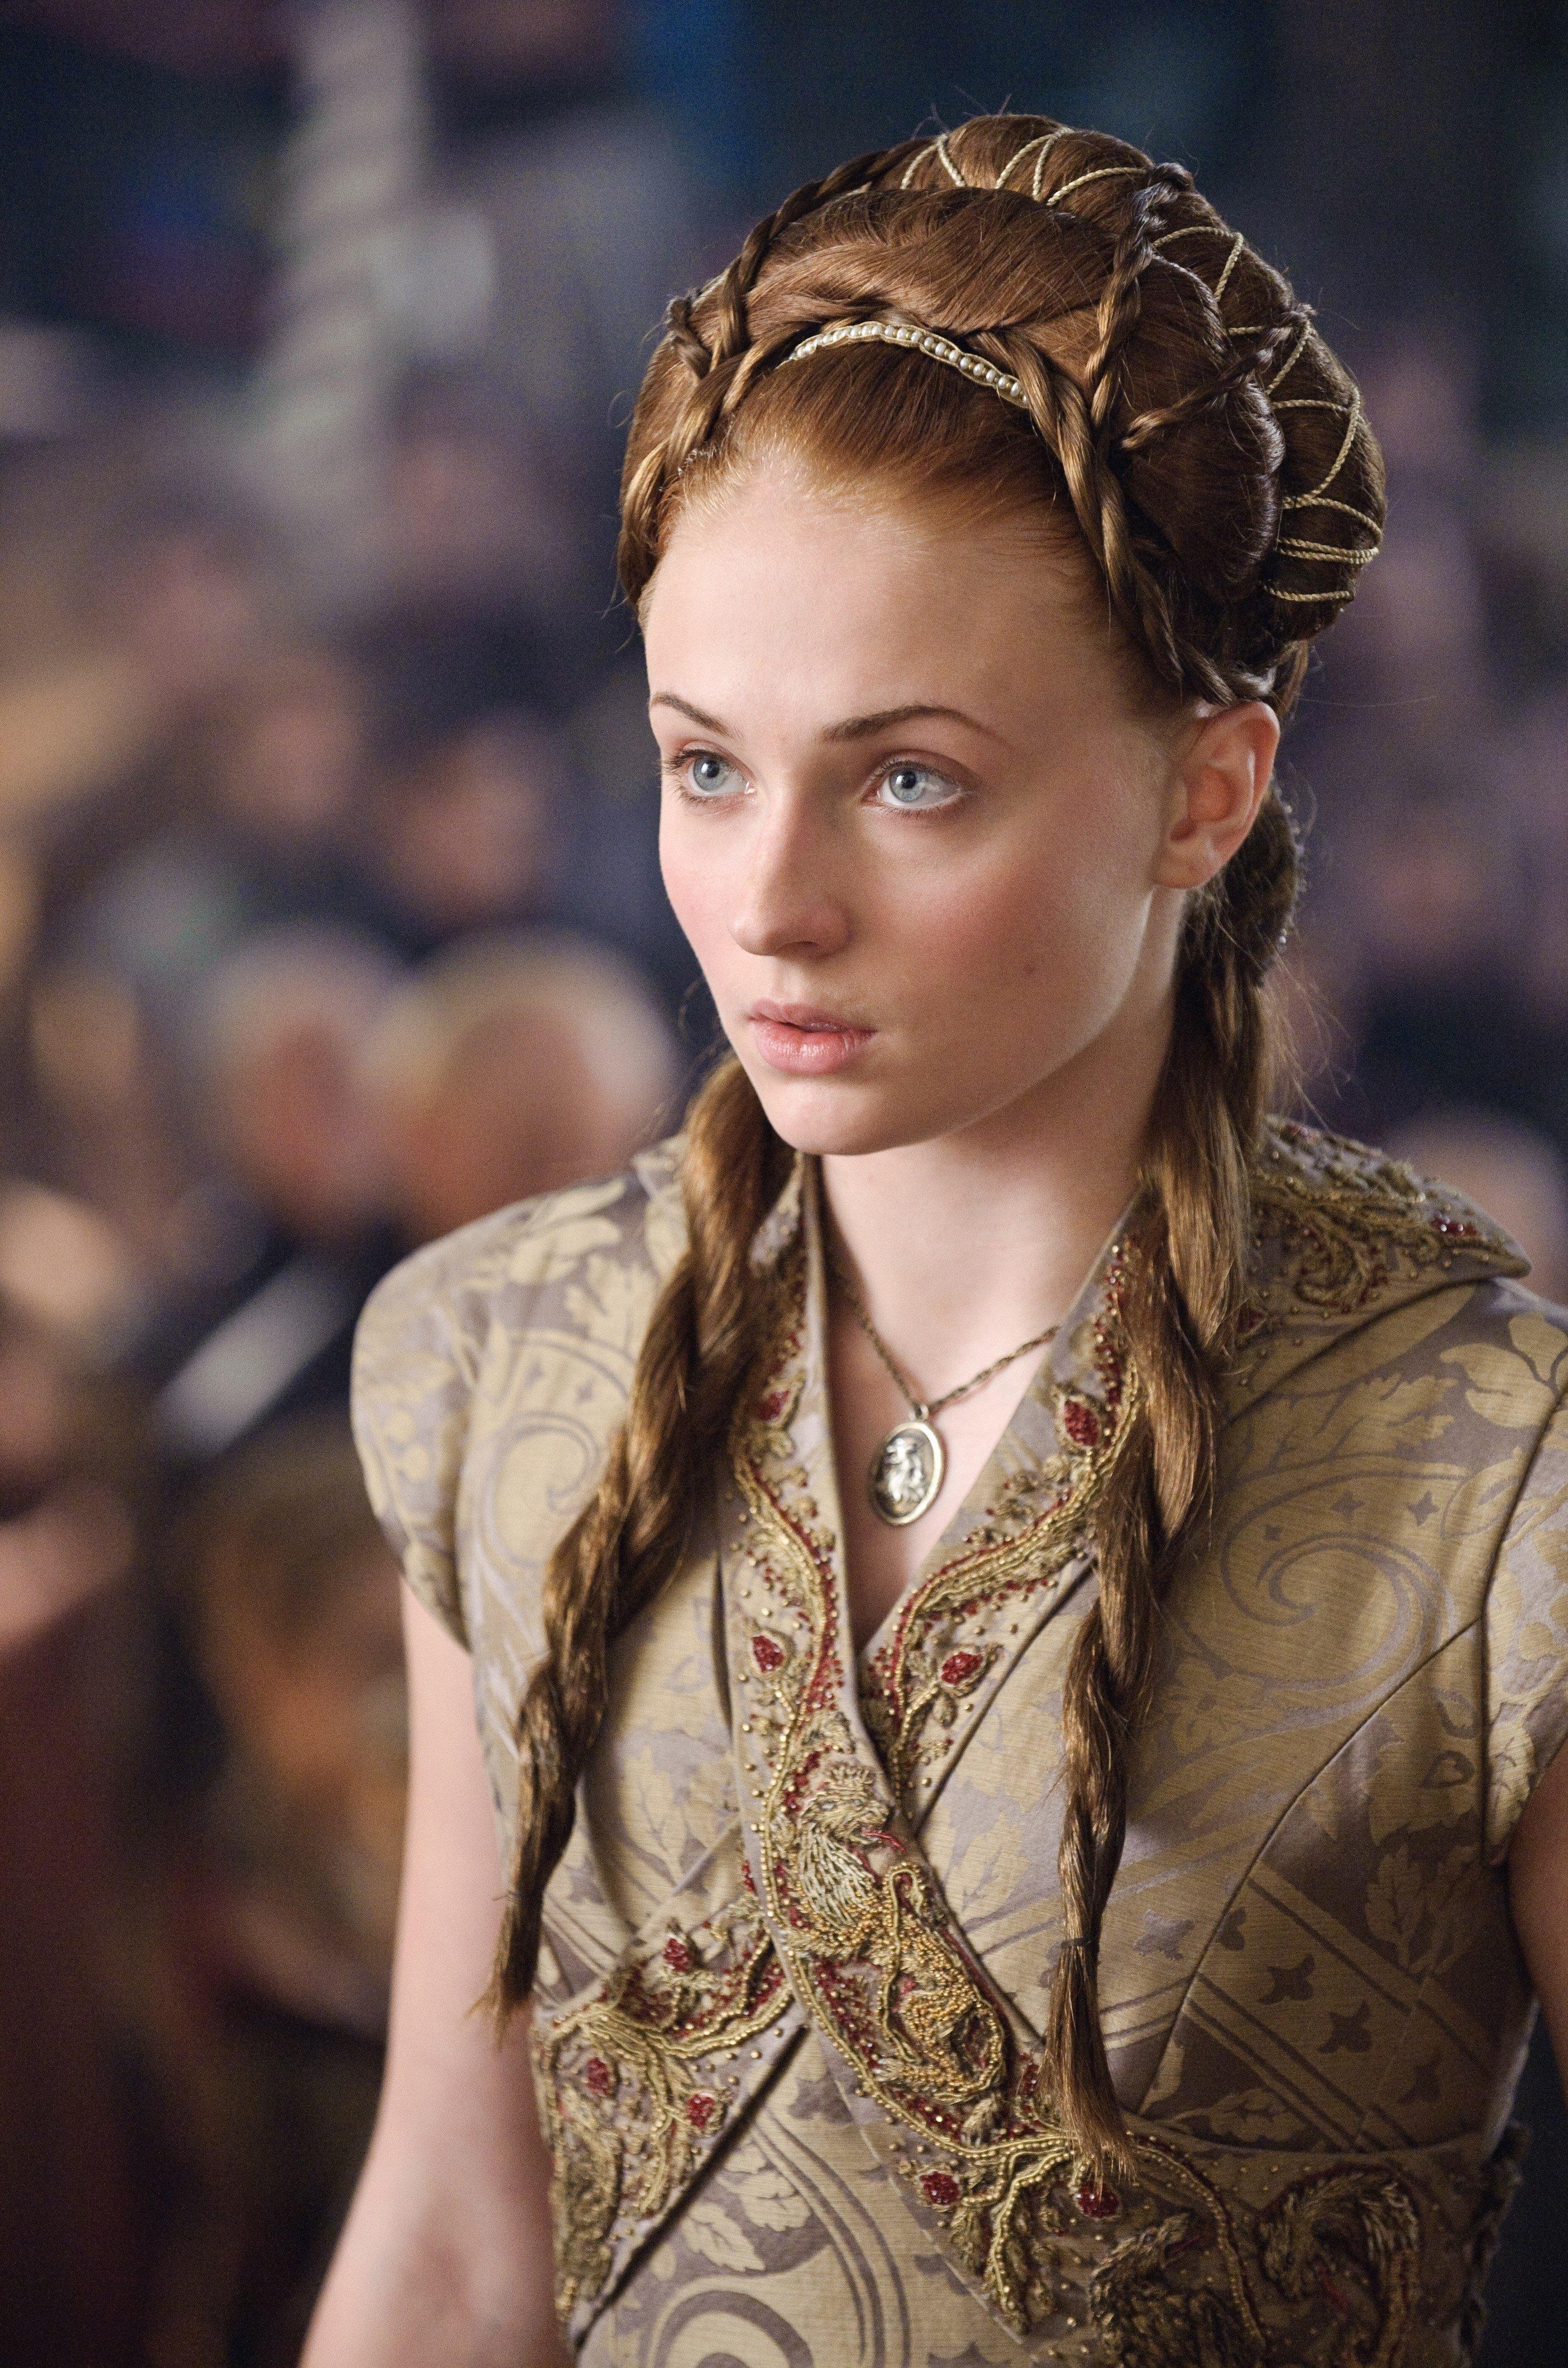 Sansa-Stark-sansa-stark-35694453-2808-4240 (1).jpg